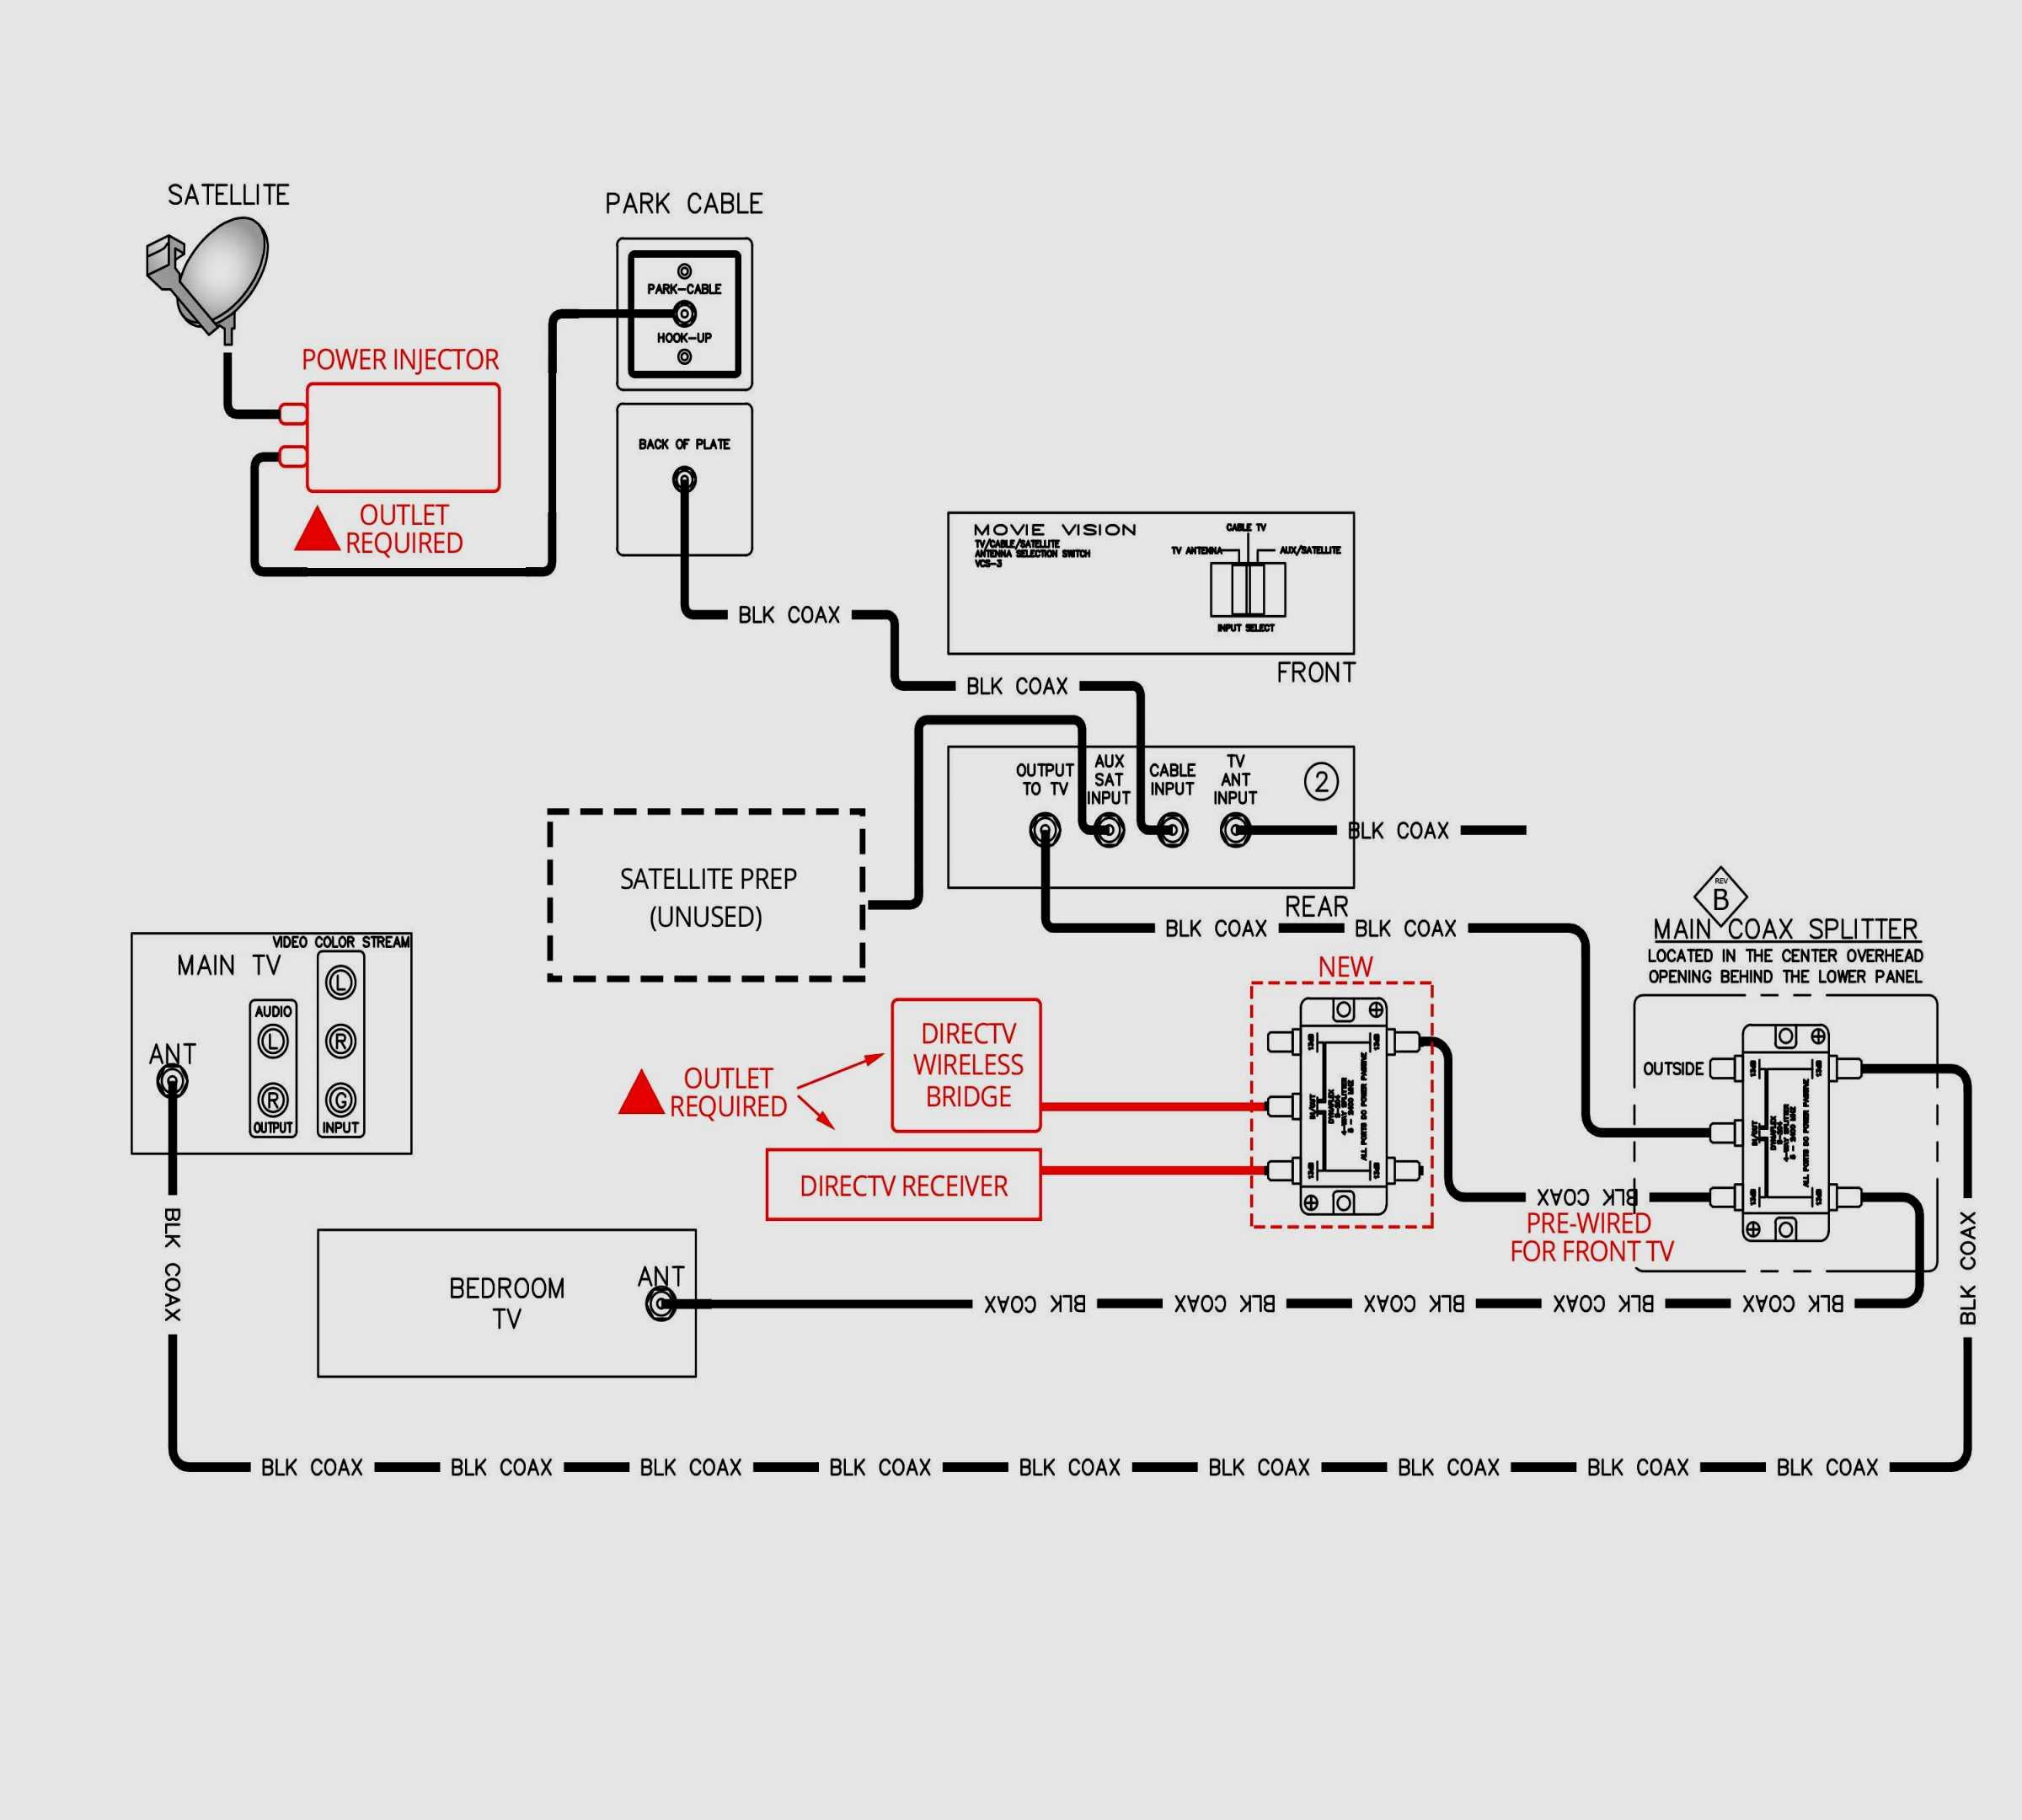 Direct Tv Satellite Dish Wiring Diagram